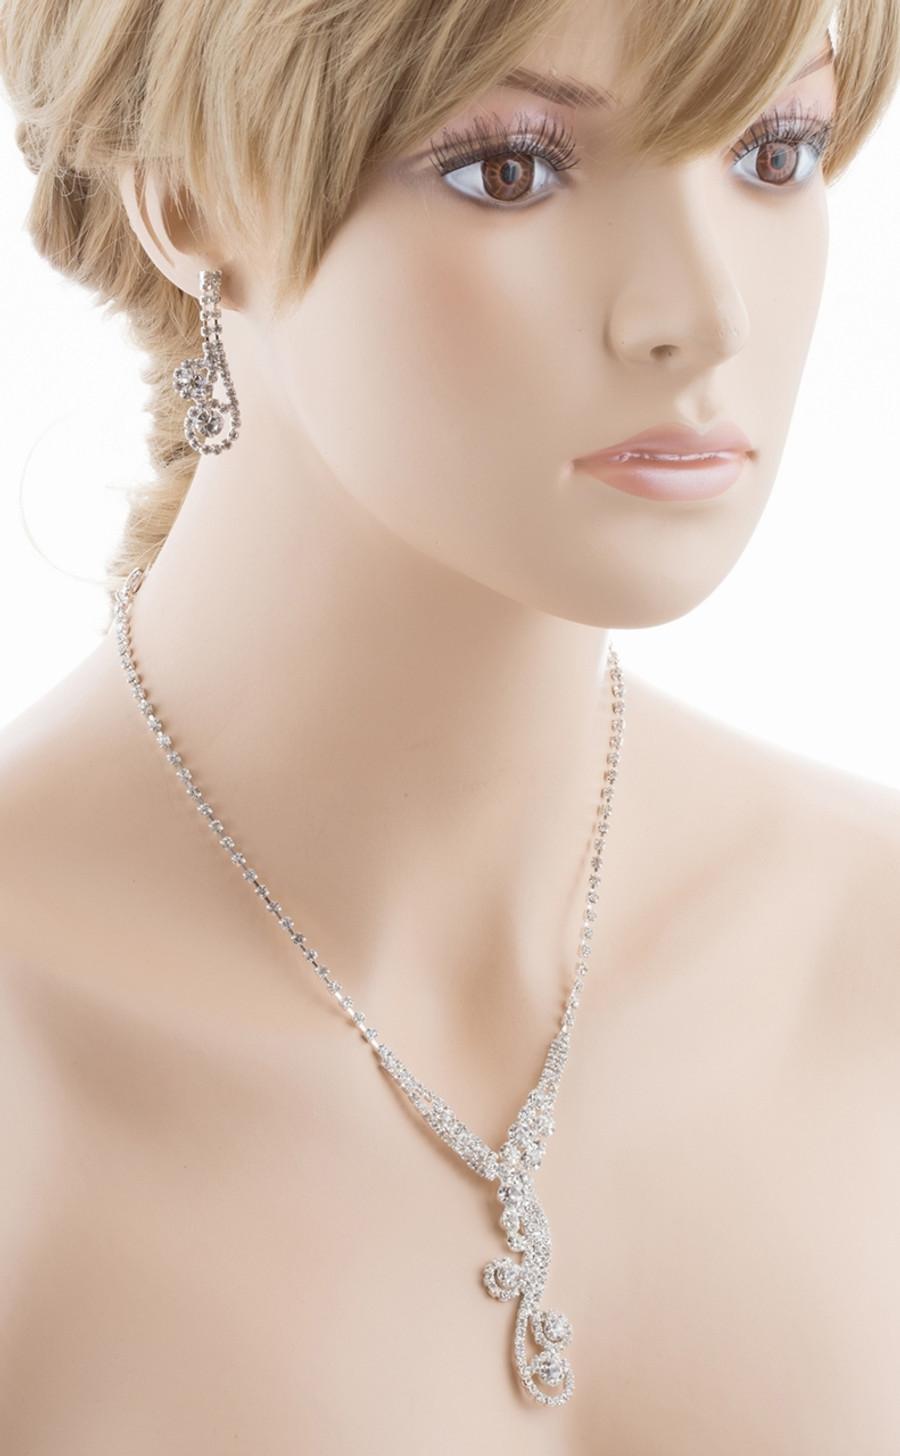 Bridal Wedding Jewelry Set Crystal Rhinestone Dazzle Y Drop Swirl Necklace SV